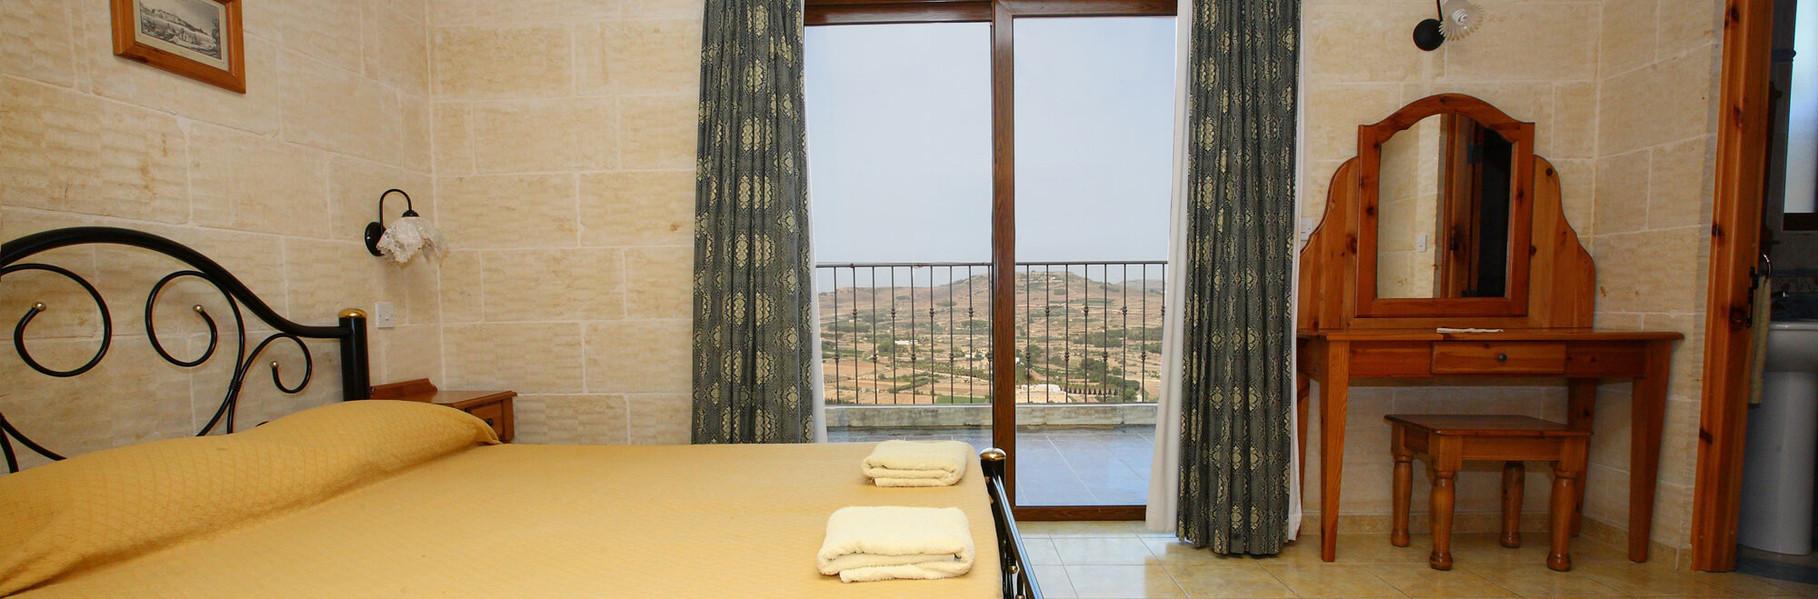 master-bedroom-view-3deb - Copy.jpg